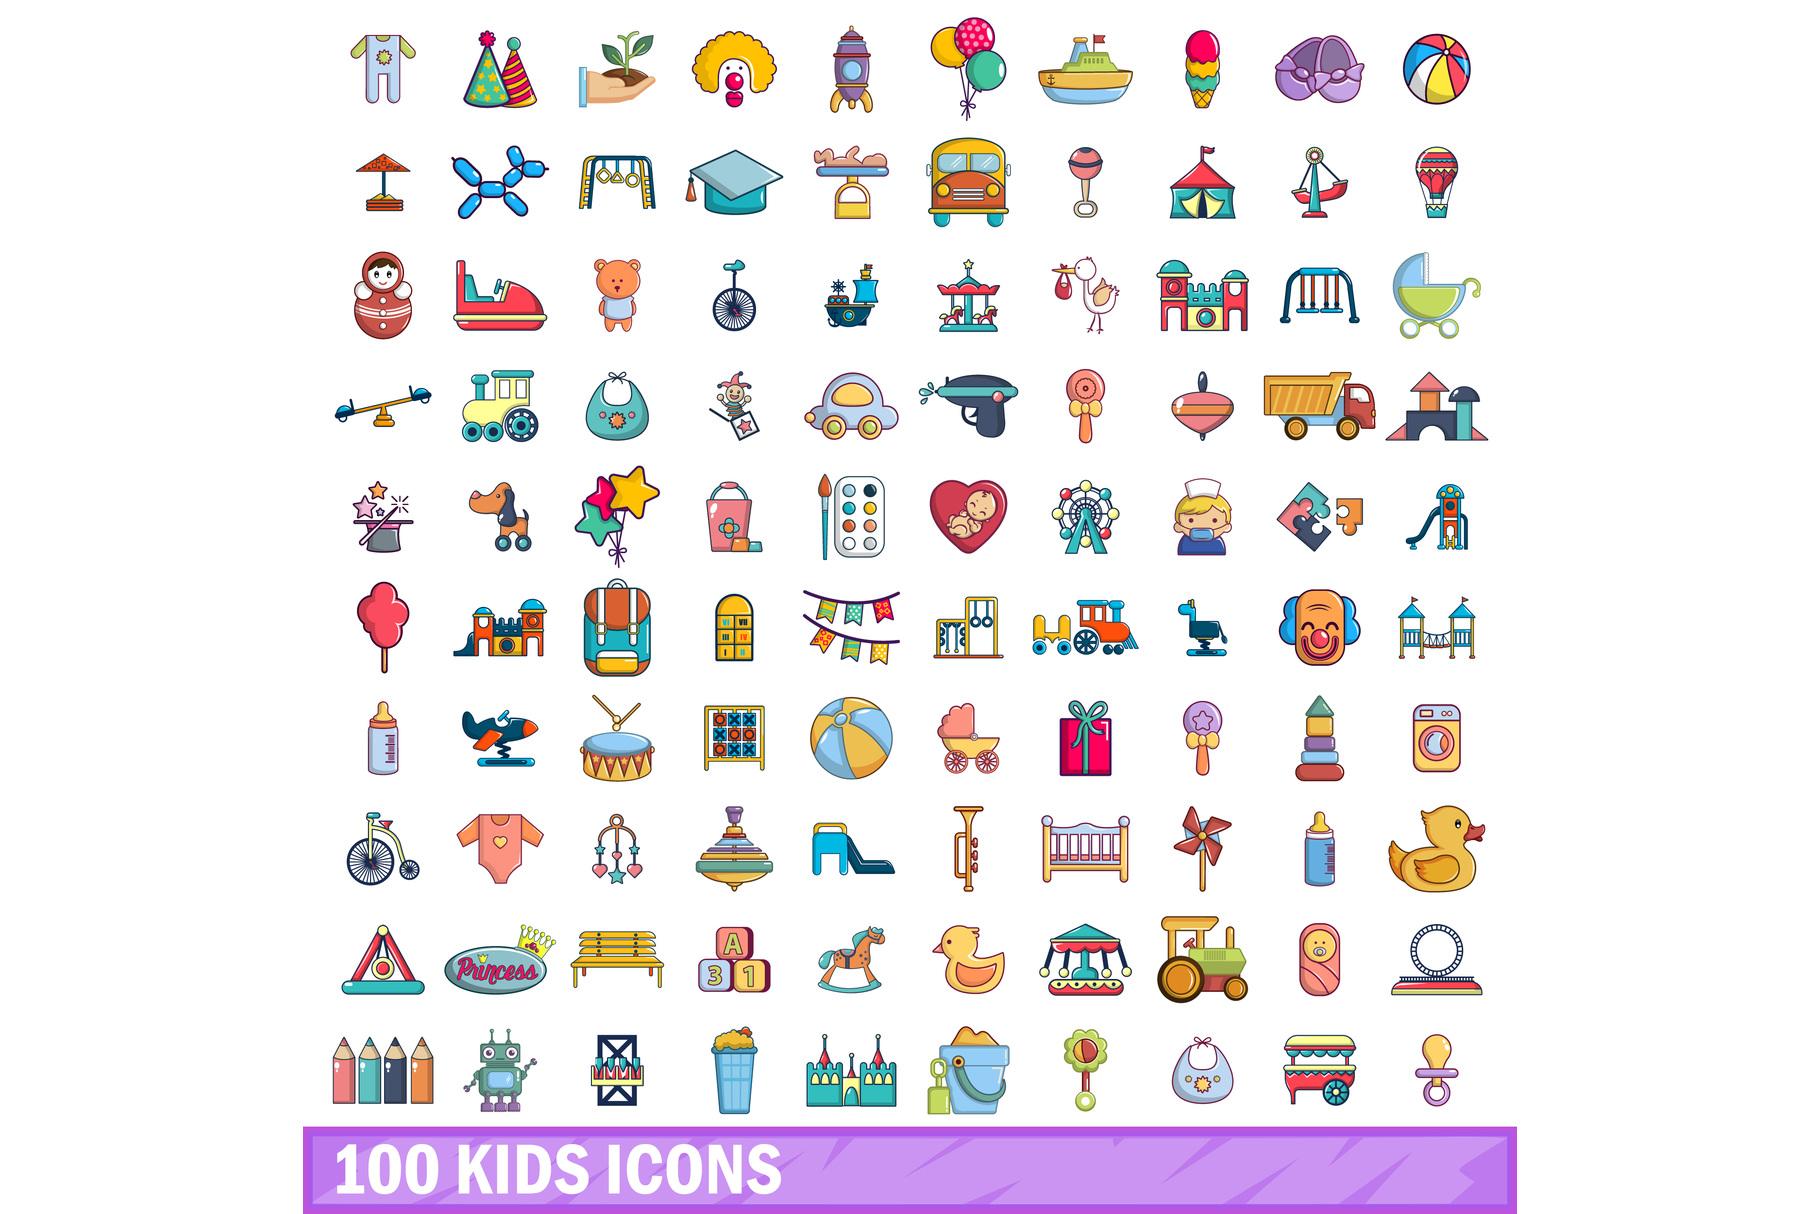 100 kids icons set, cartoon style example image 1